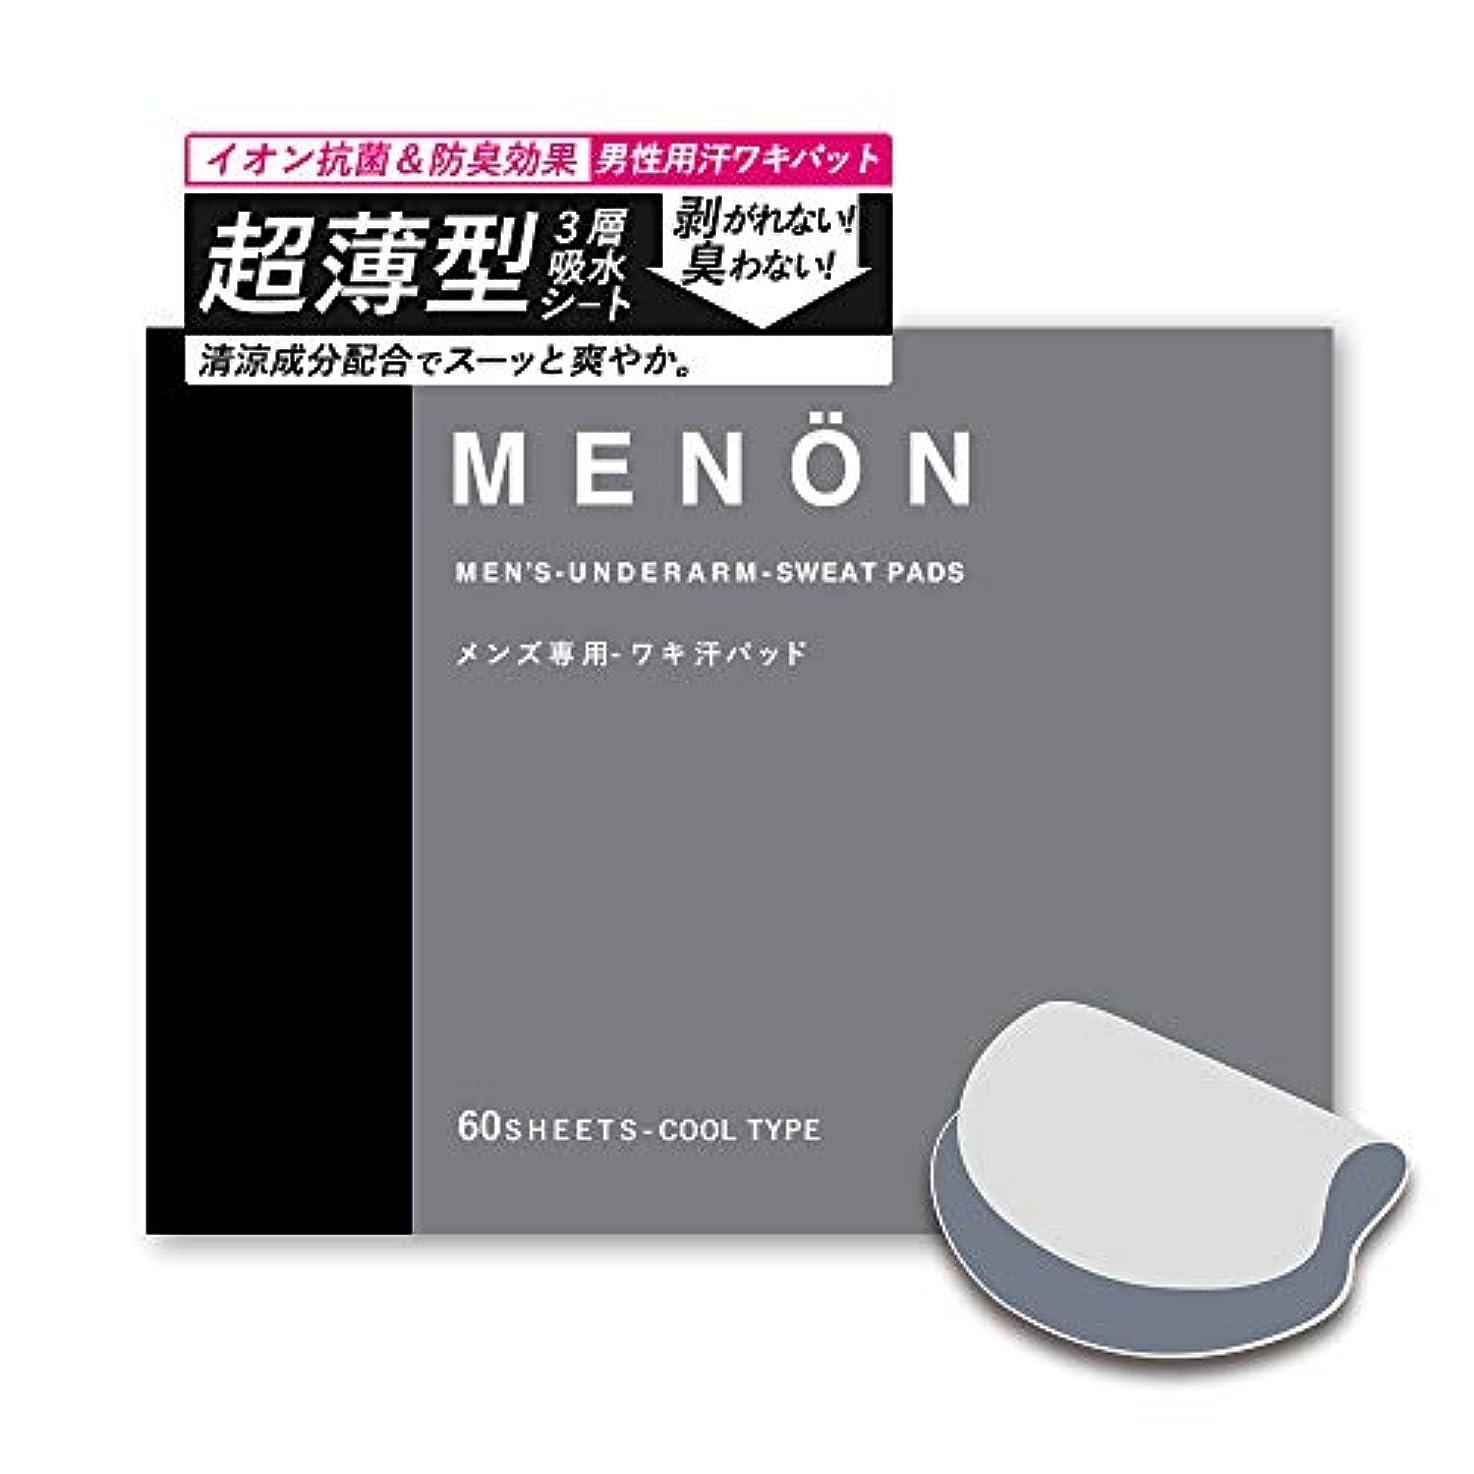 雇った錫延期するMENON 安心の日本製 脇汗パッド メンズ 使い捨て 汗取りパッド 大容量60枚 (30セット) 清涼成分配合 脇汗 男性用 ボディケア 汗ジミ?臭い予防に パッド シール メノン